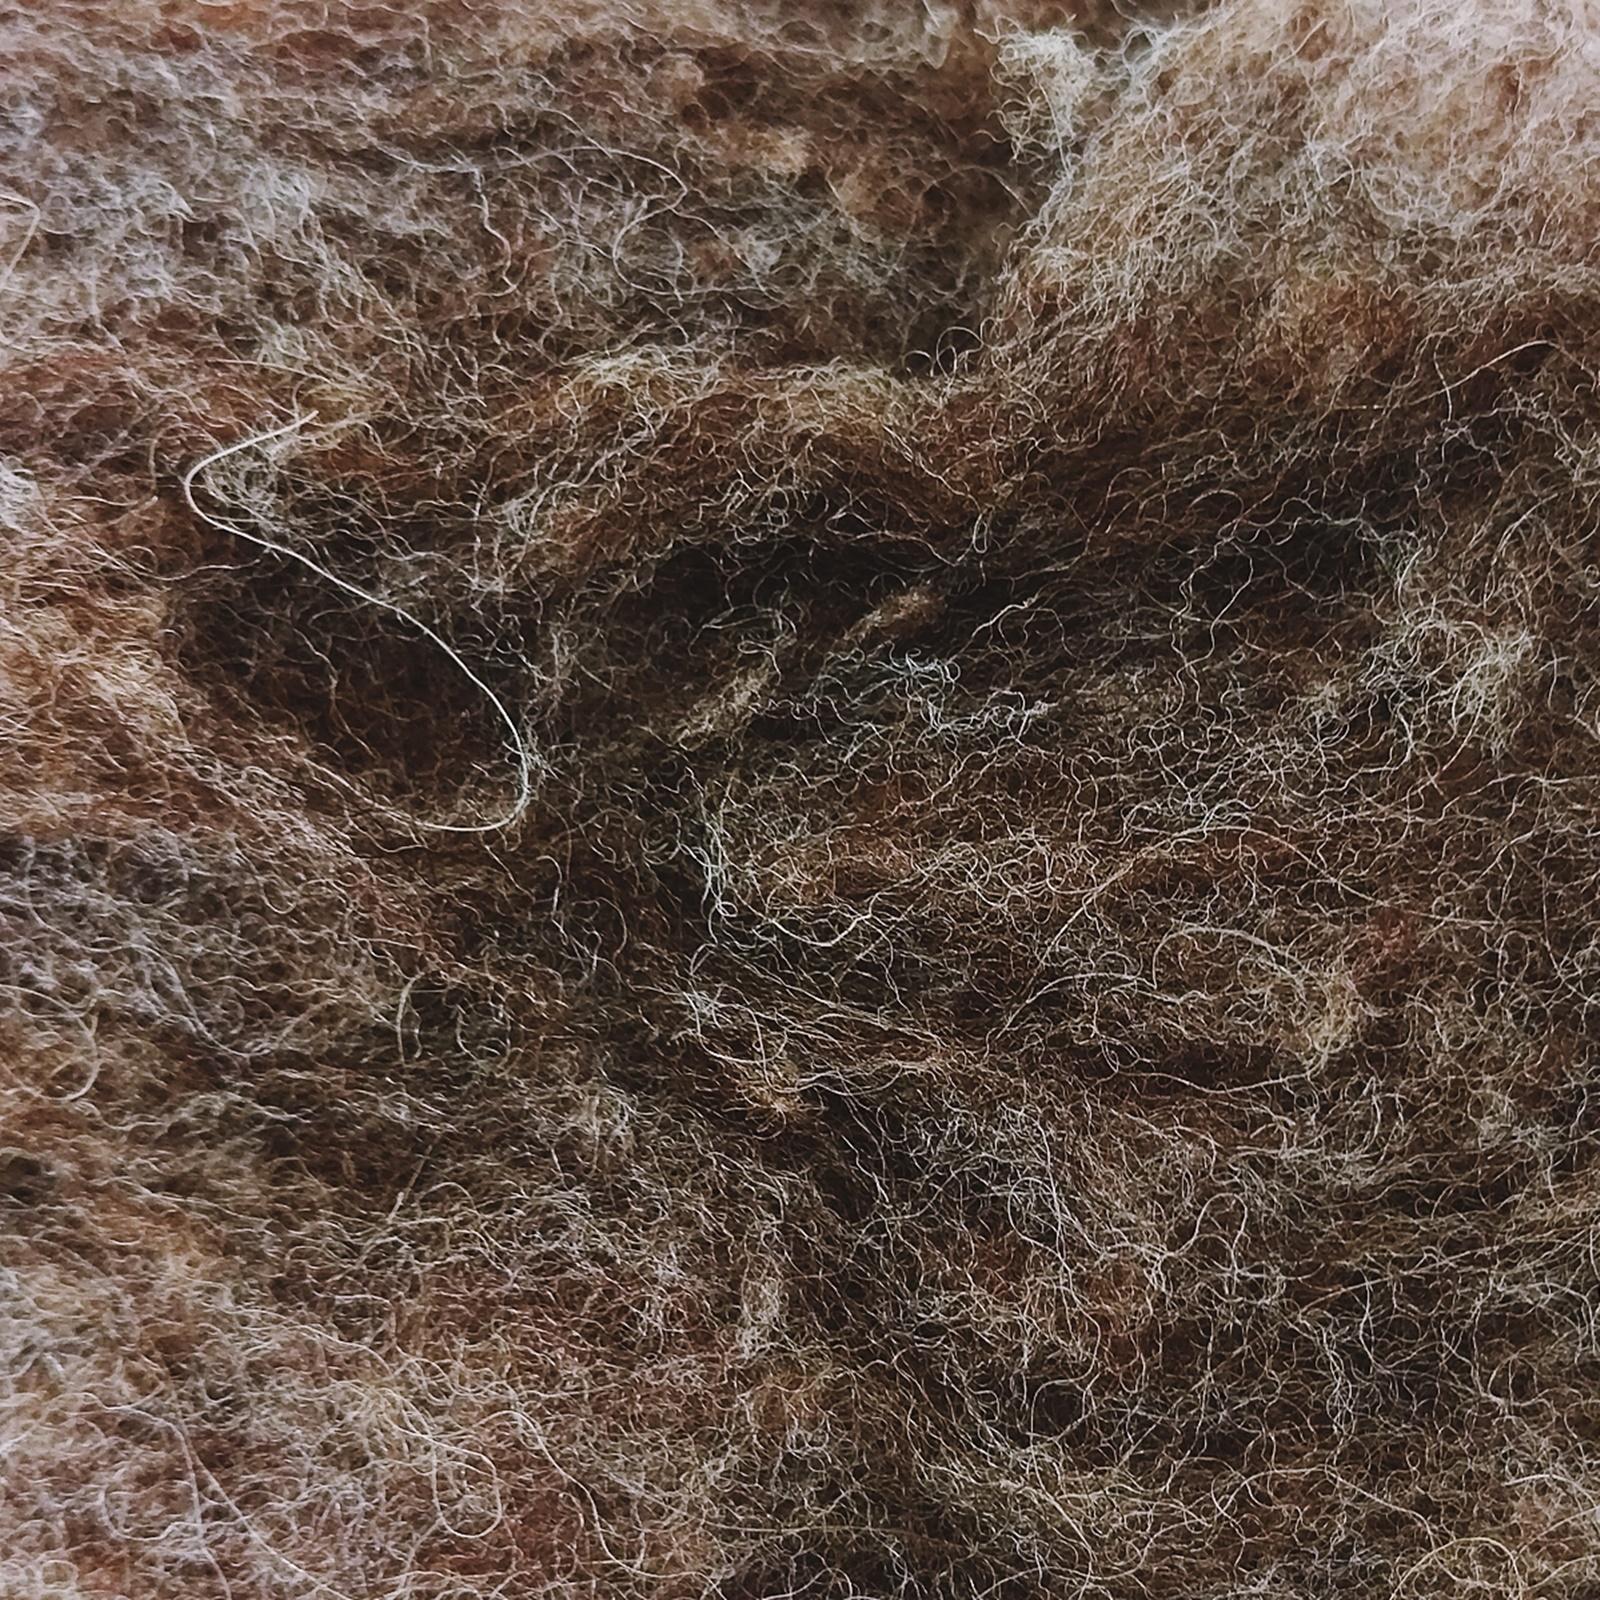 lana maro(natur)